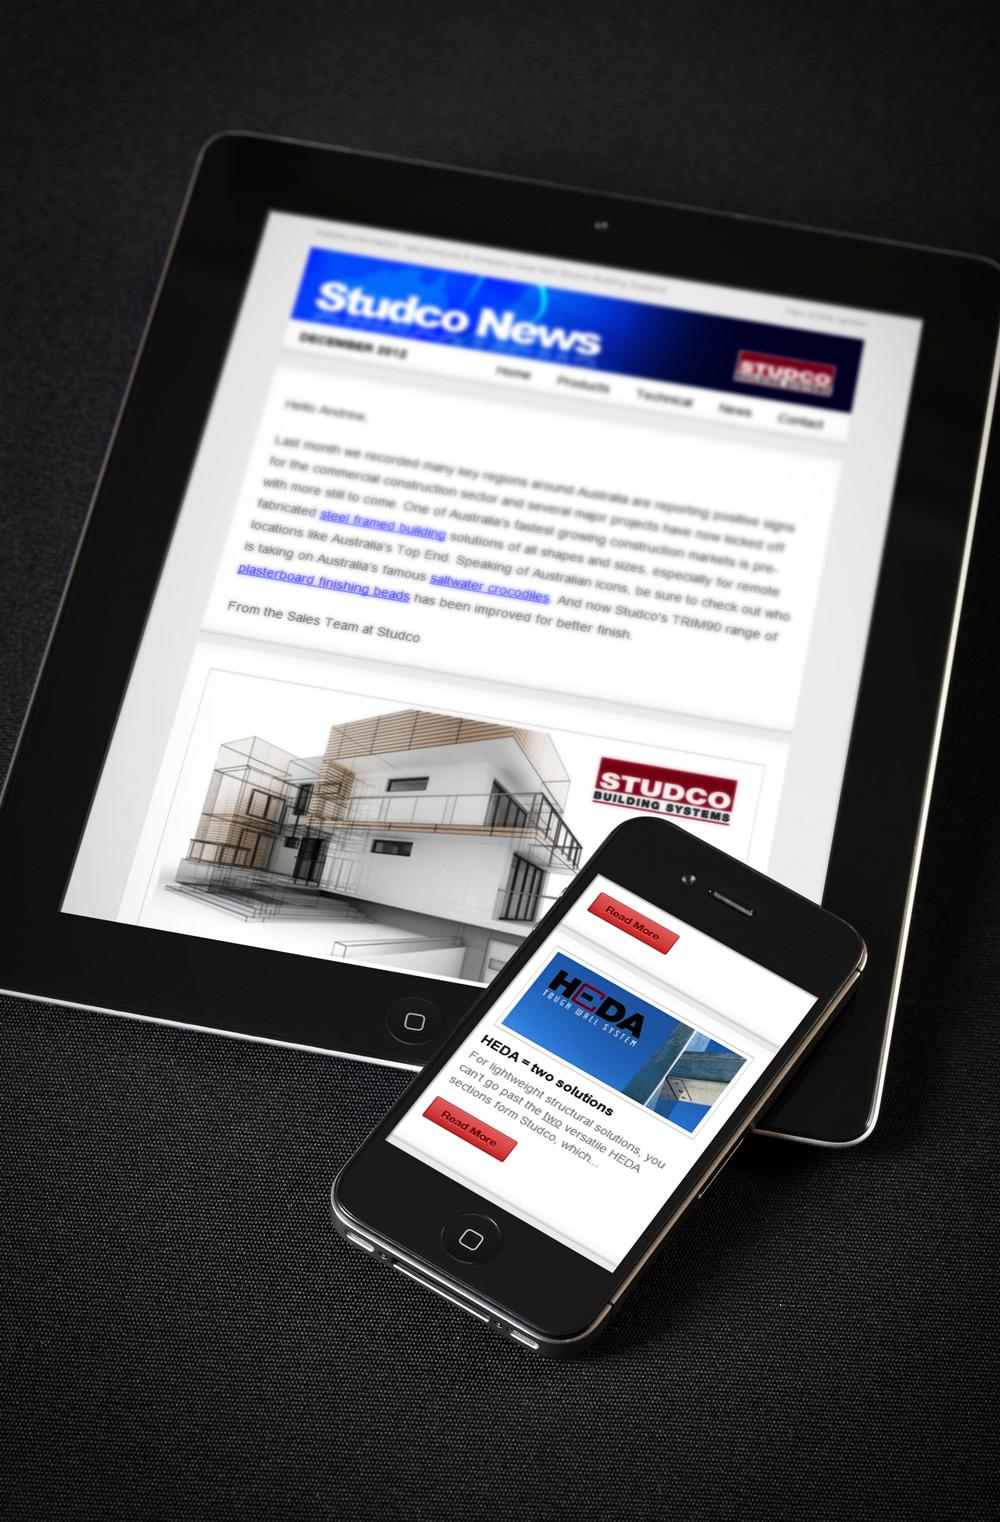 Studco News